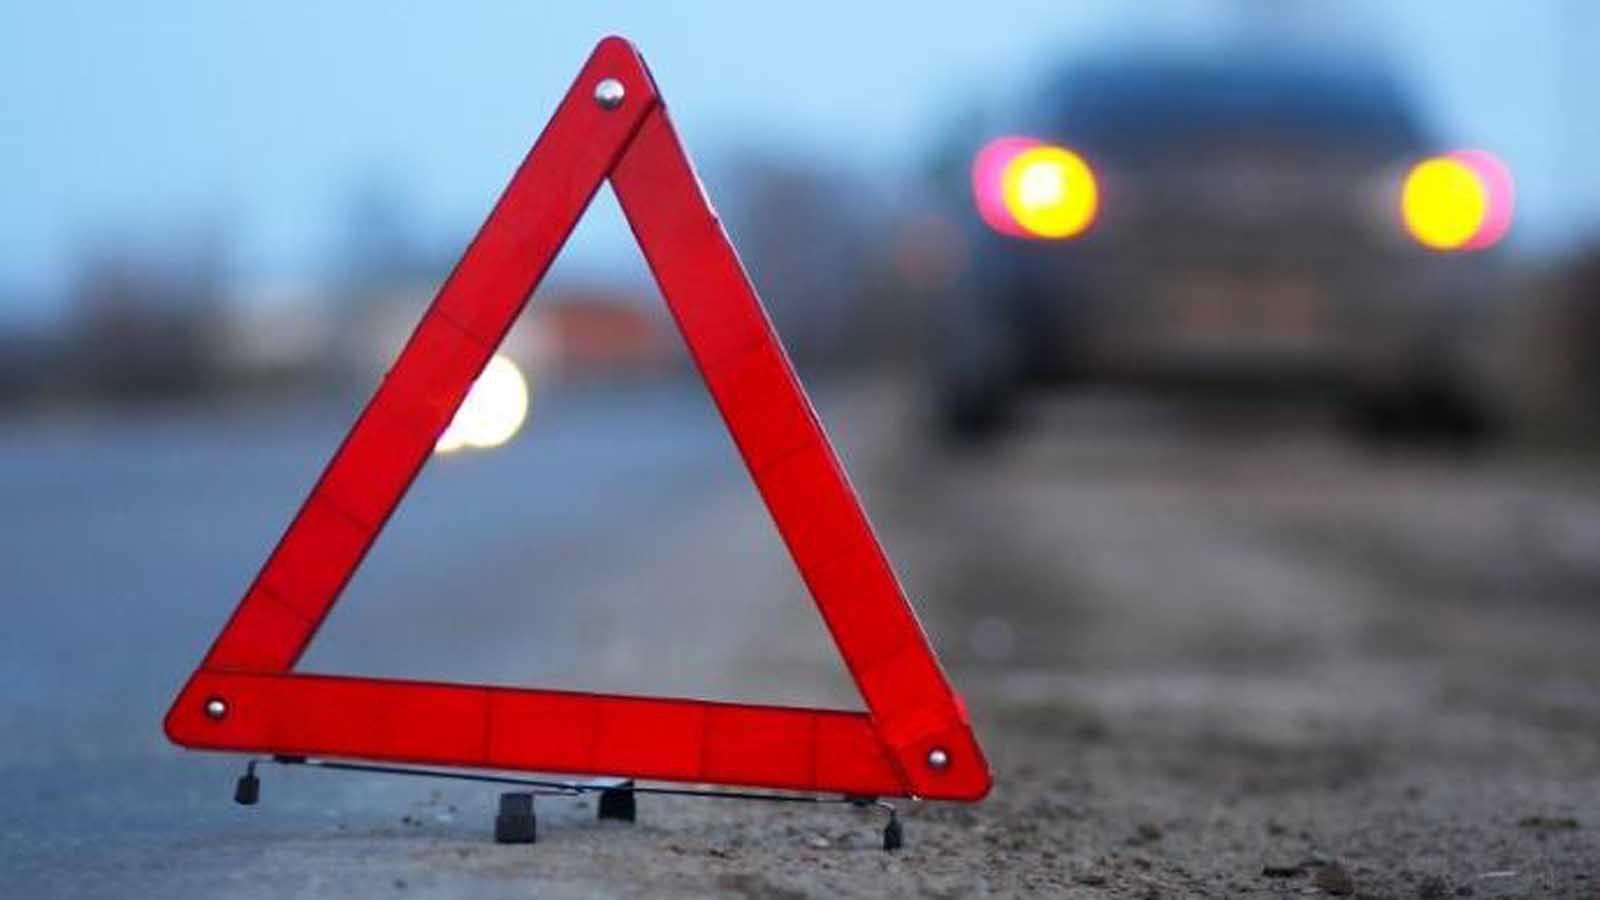 ВТатарстане втройной трагедии погибли трое взрослых идвое детей